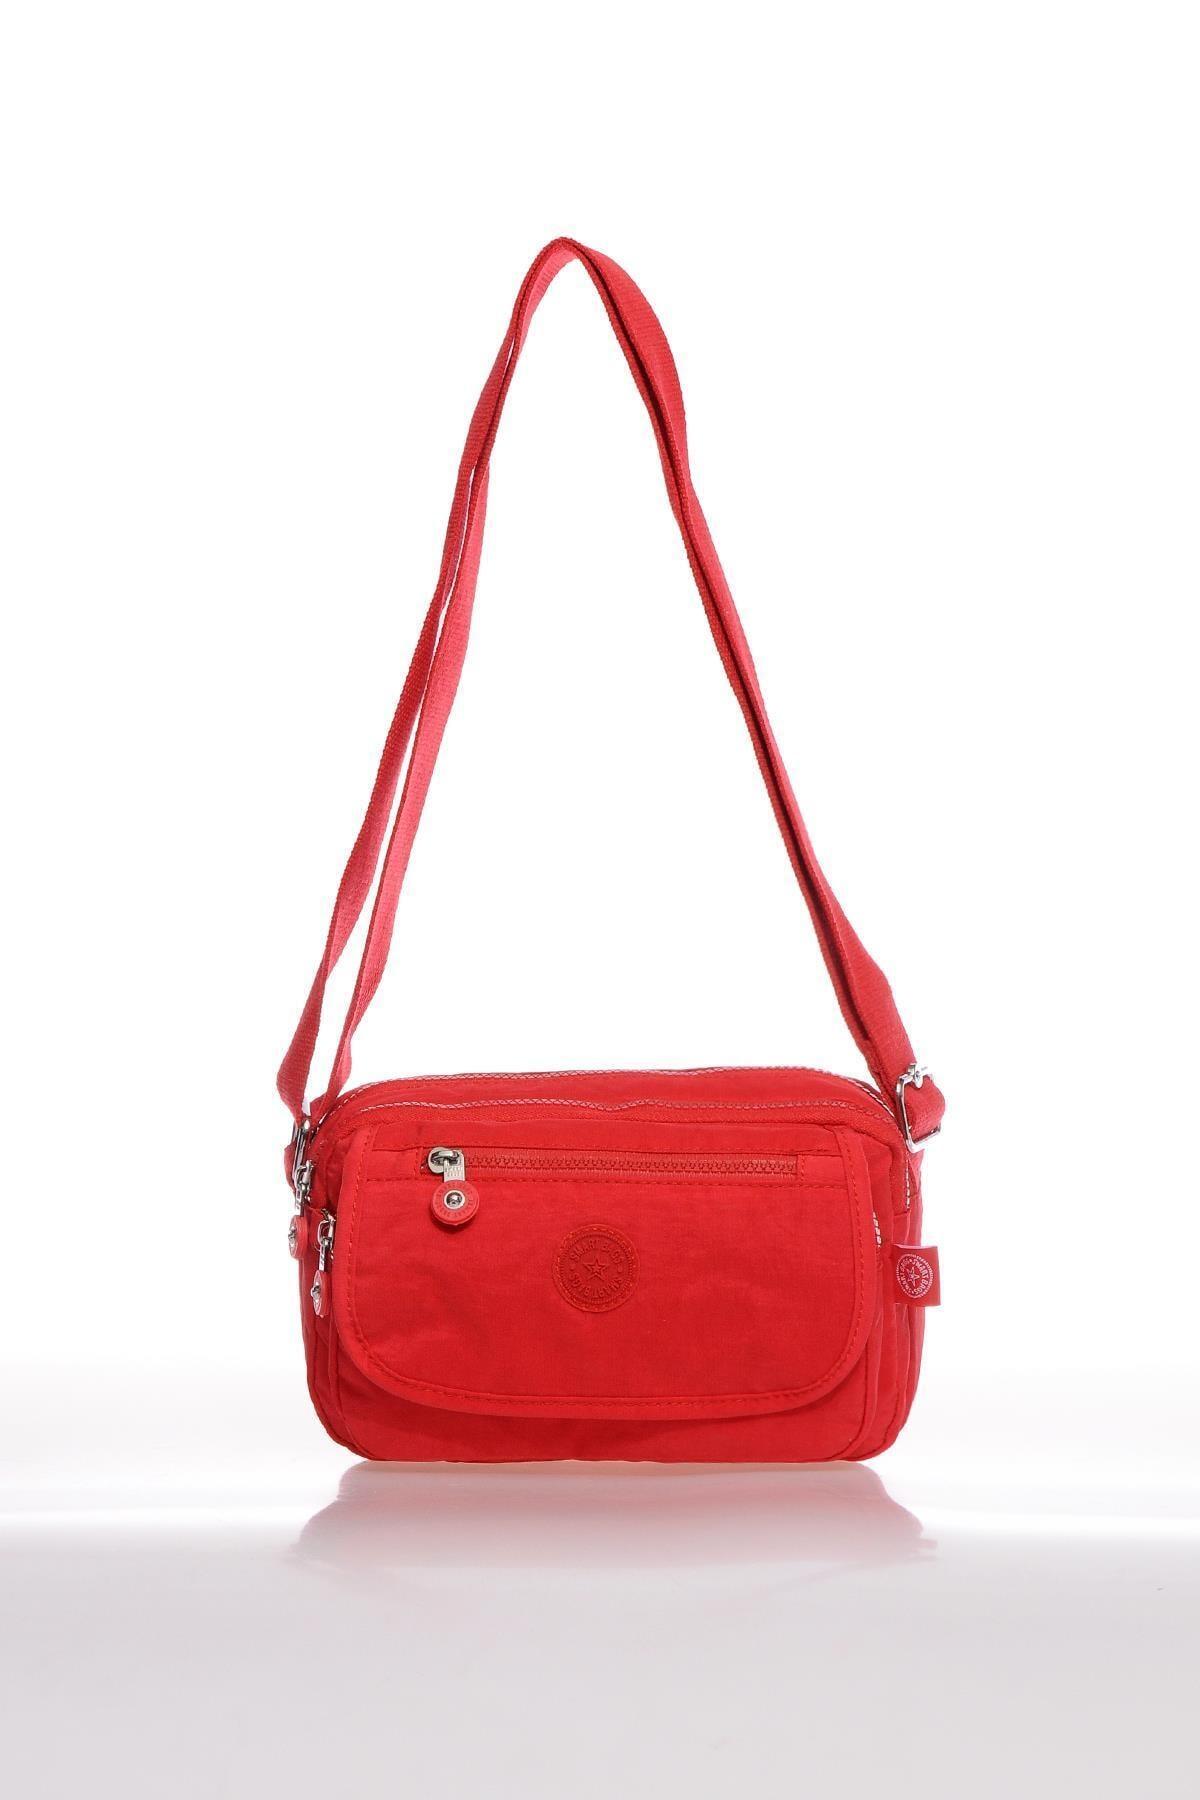 SMART BAGS Kadın Kırmızı Çapraz Çanta 1